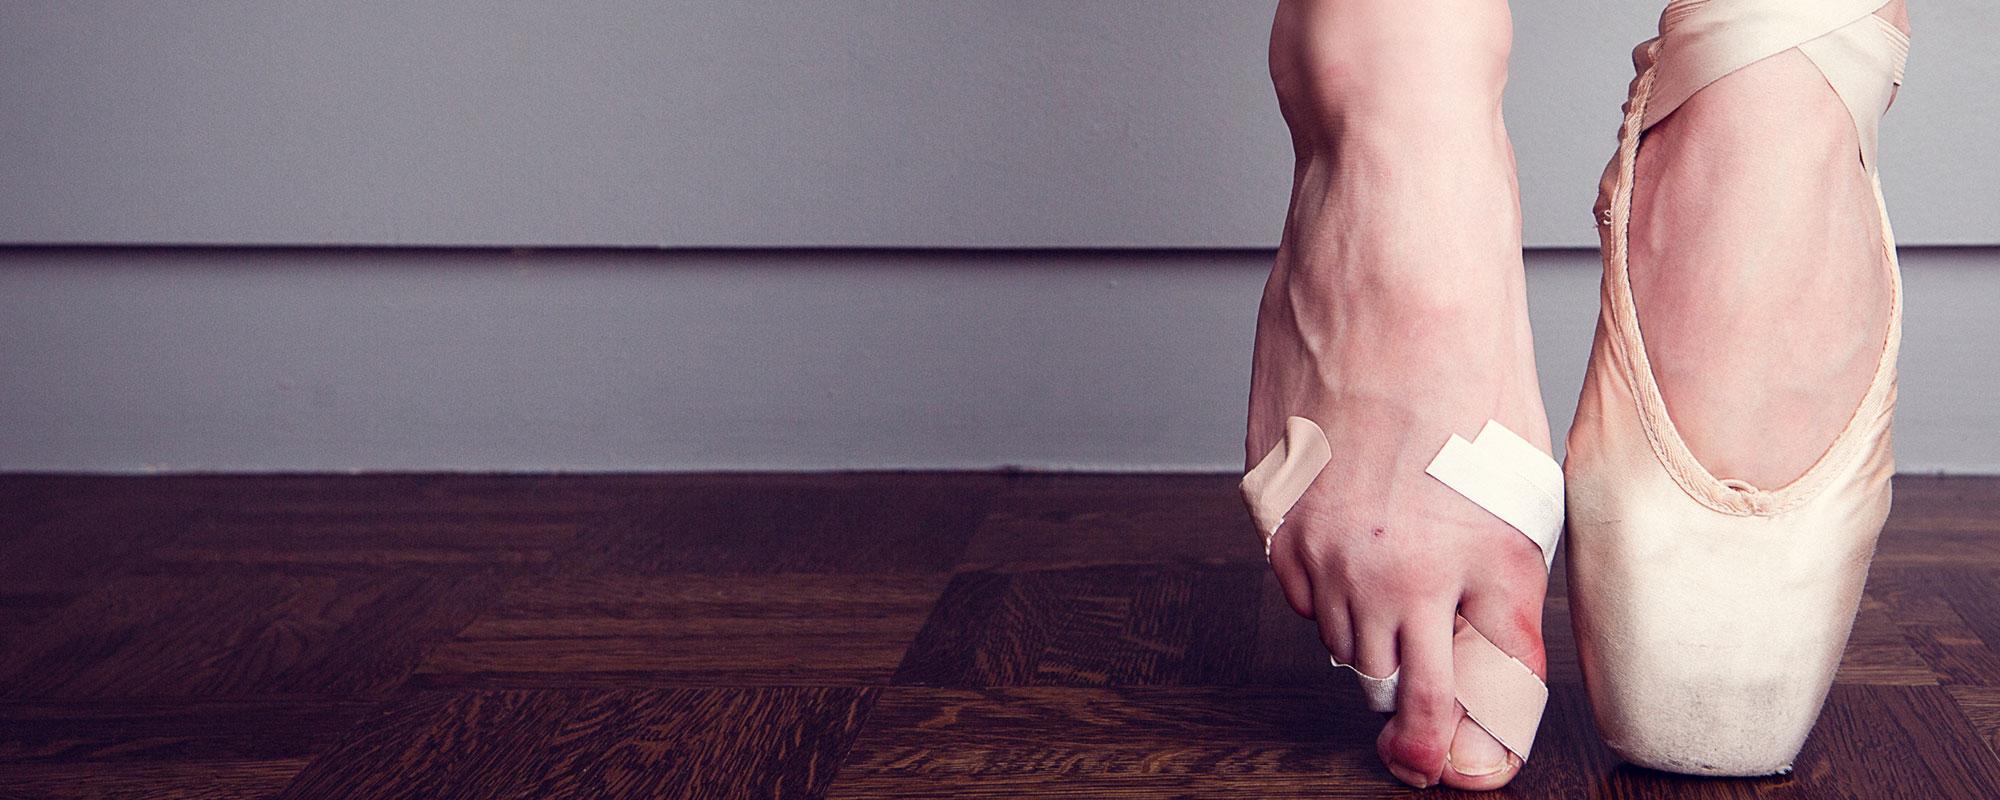 Douleurs aux pieds? Consultez un podiatre.